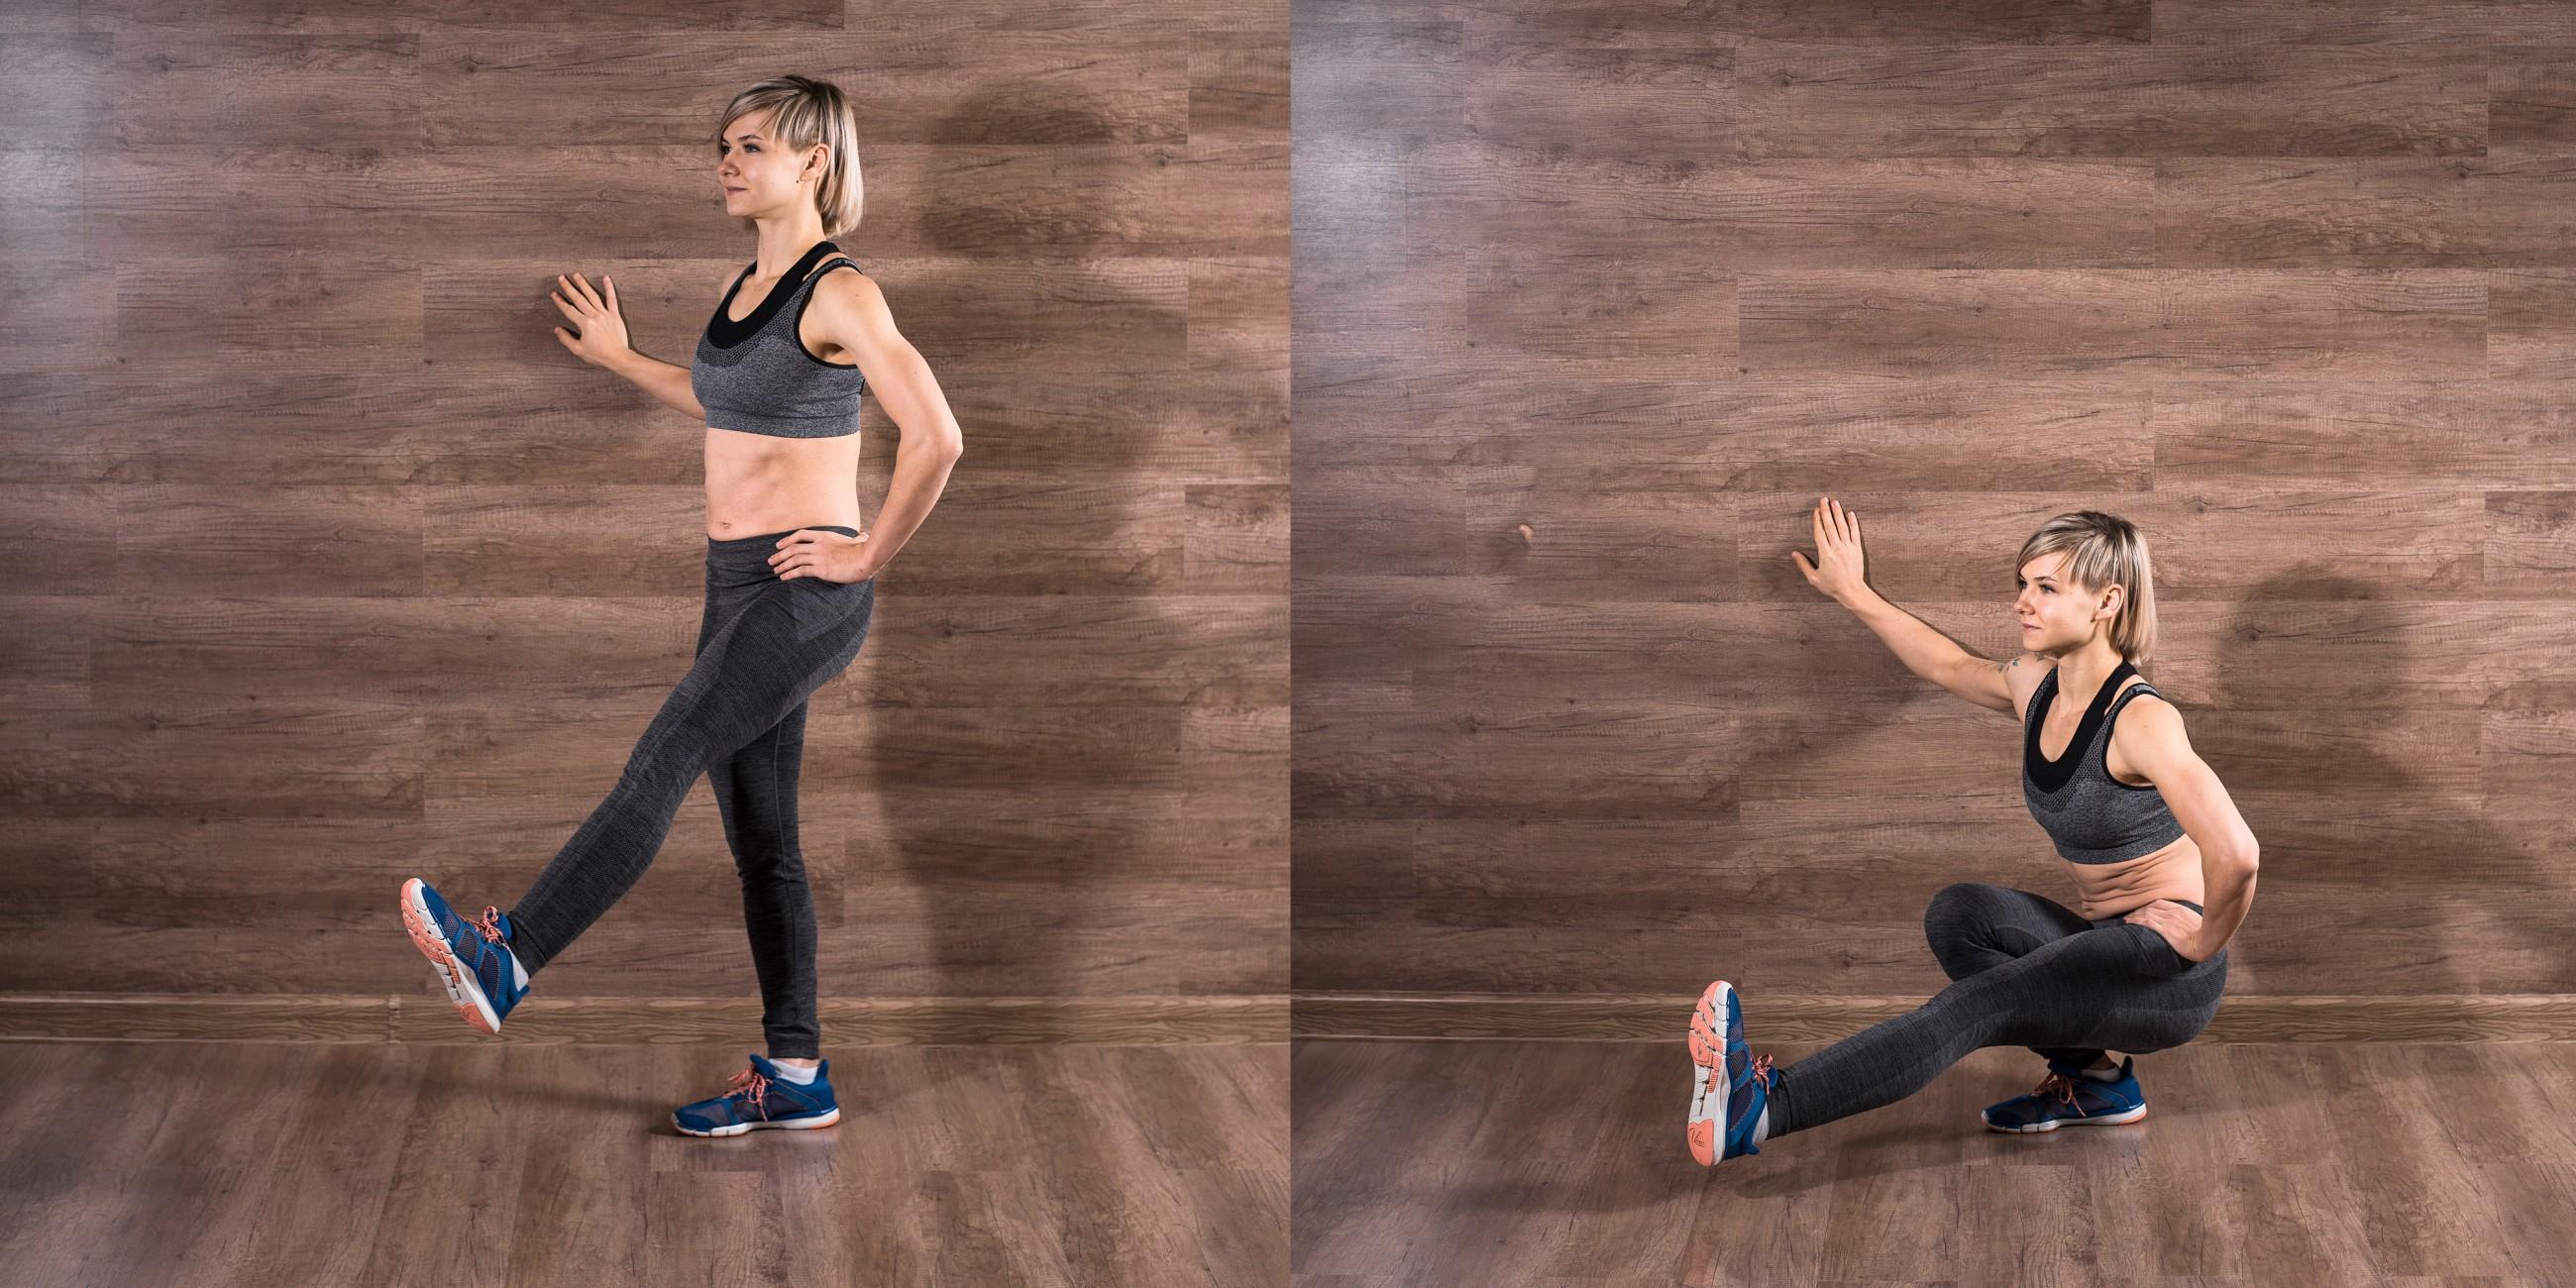 Упражнения без тренера: 5 безопасных упражнений